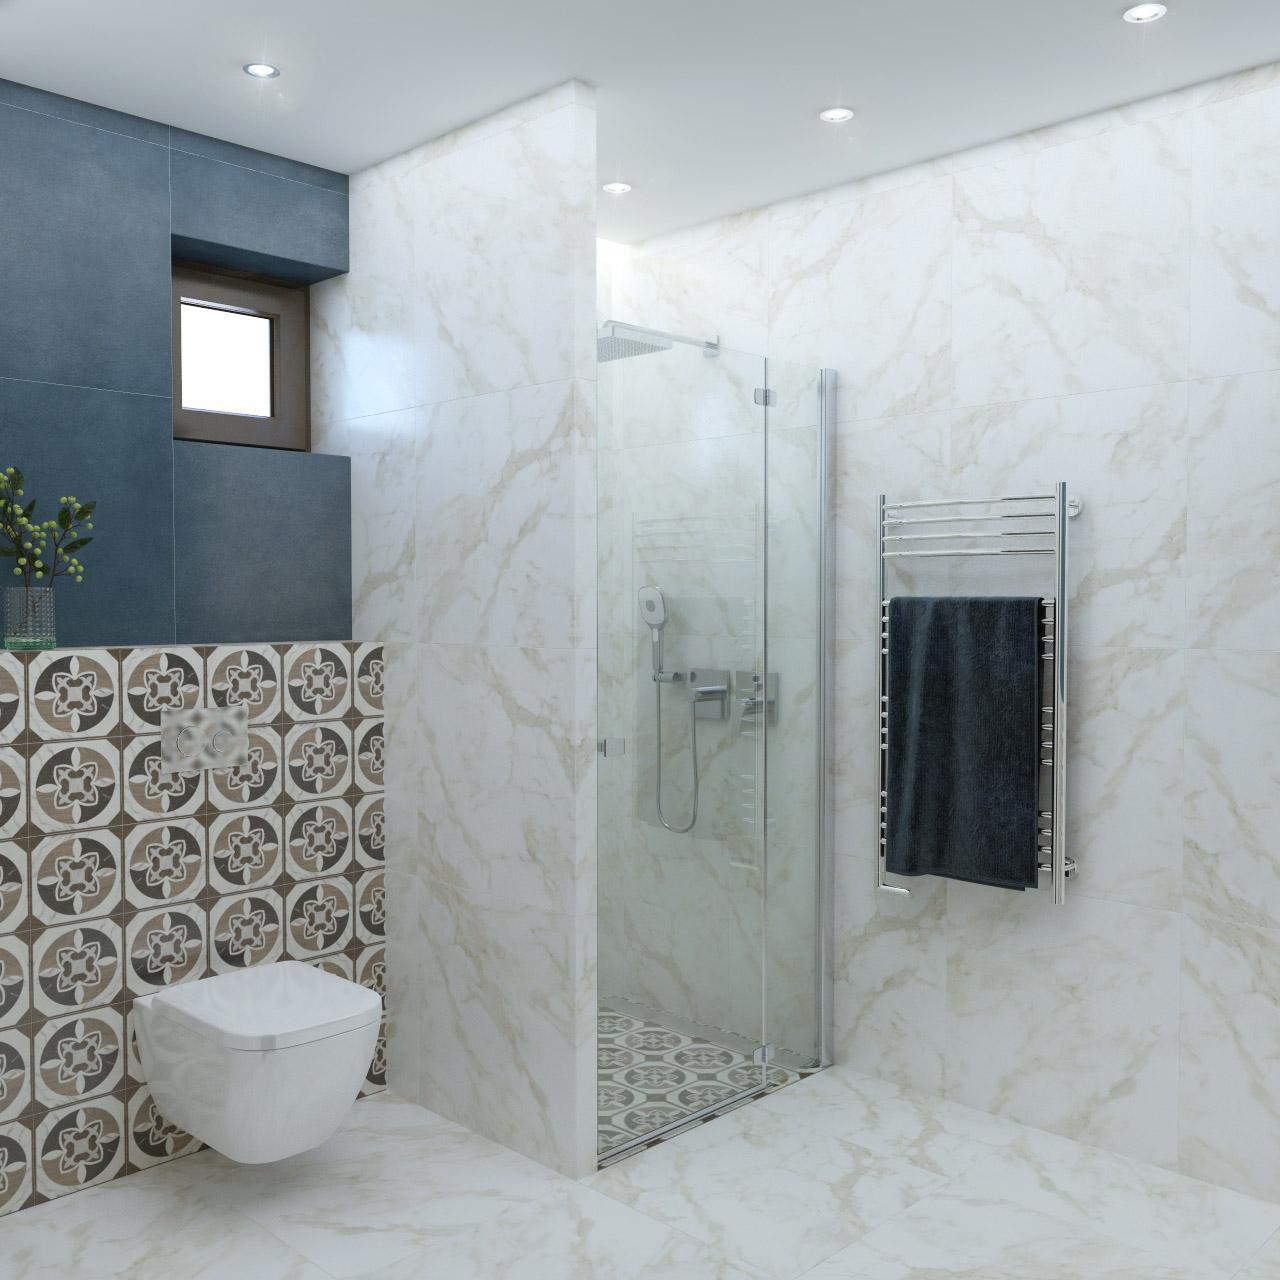 Návrhy kúpeľní 2021 - Obrázok č. 28